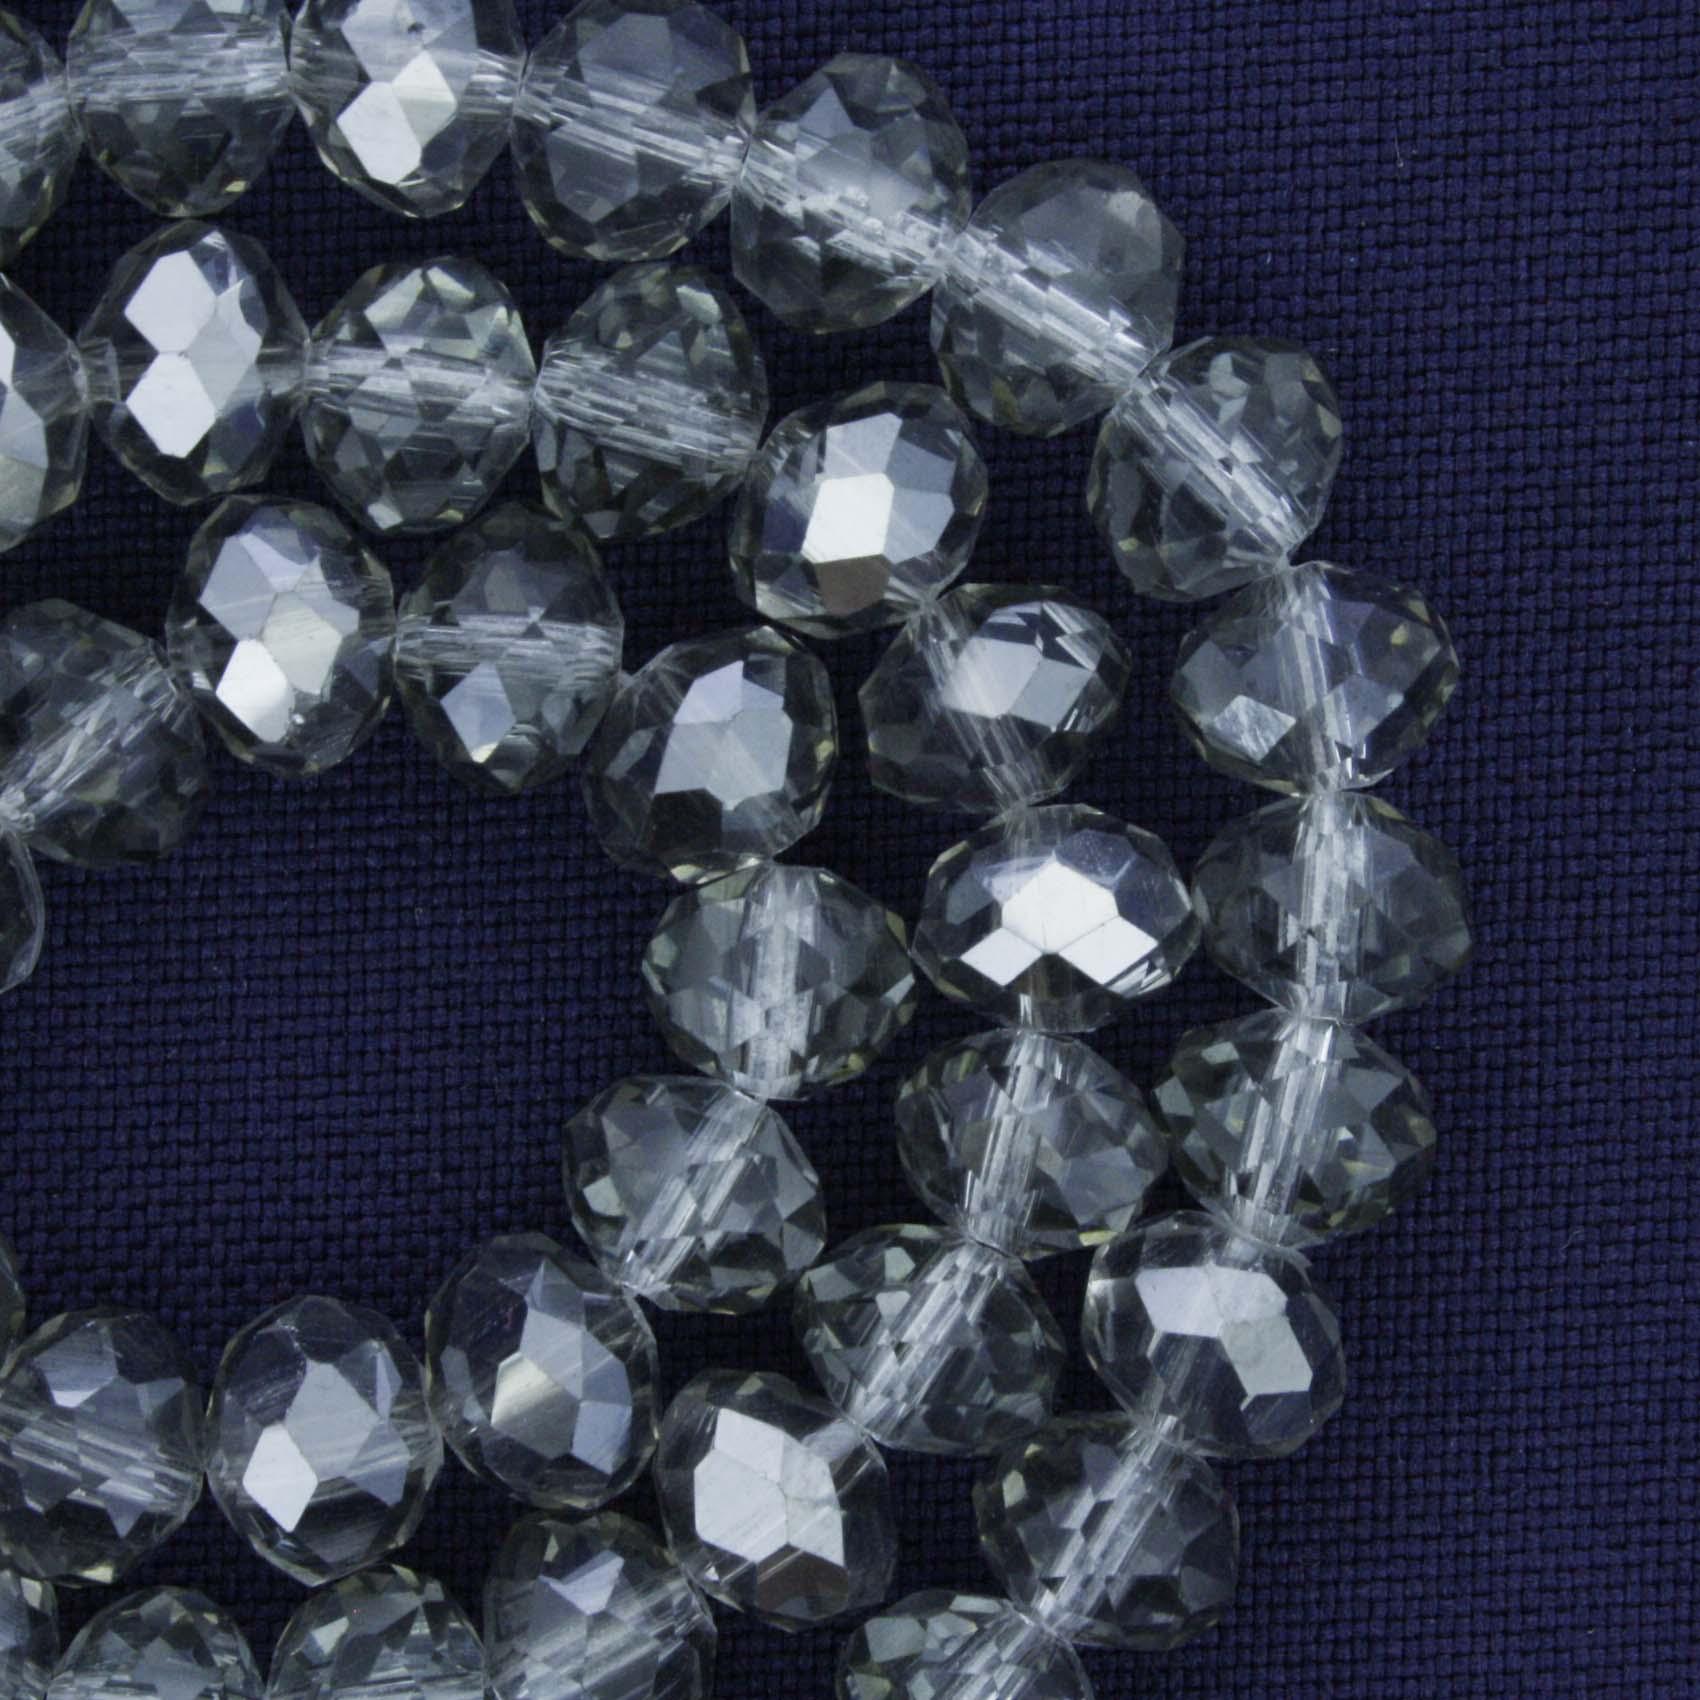 Fio de Cristal - Piatto® - Fumê Prateado - 8mm  - Universo Religioso® - Artigos de Umbanda e Candomblé